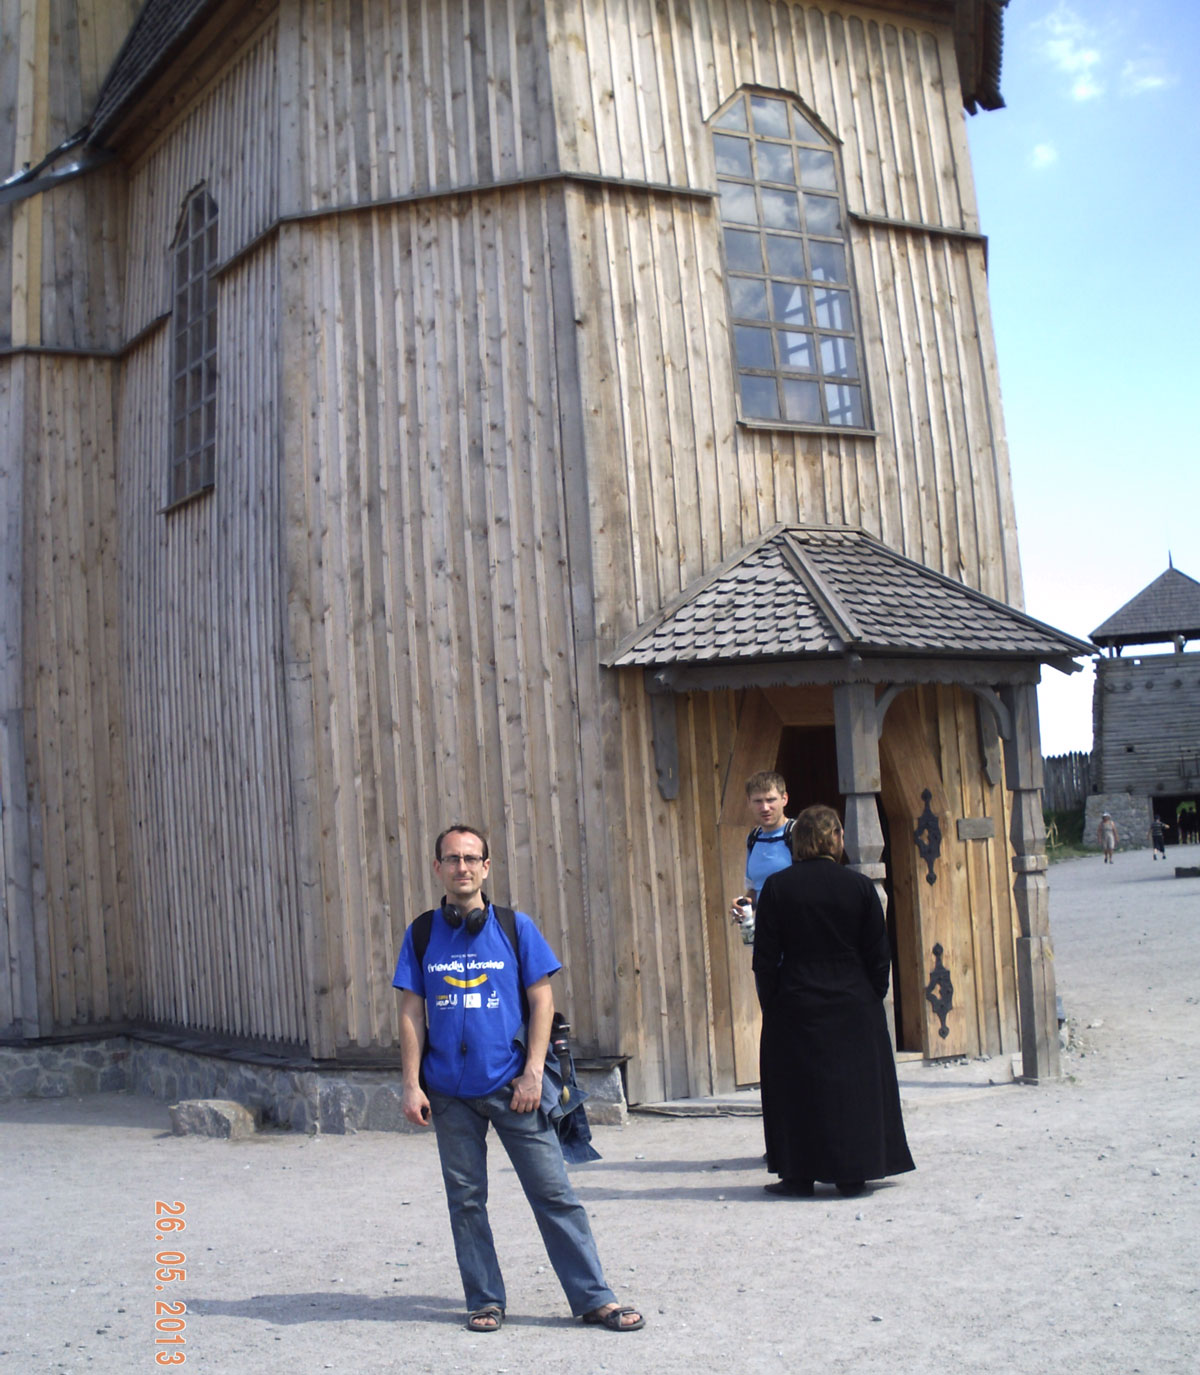 Деревянная церковь на Хортице, где правятся службы